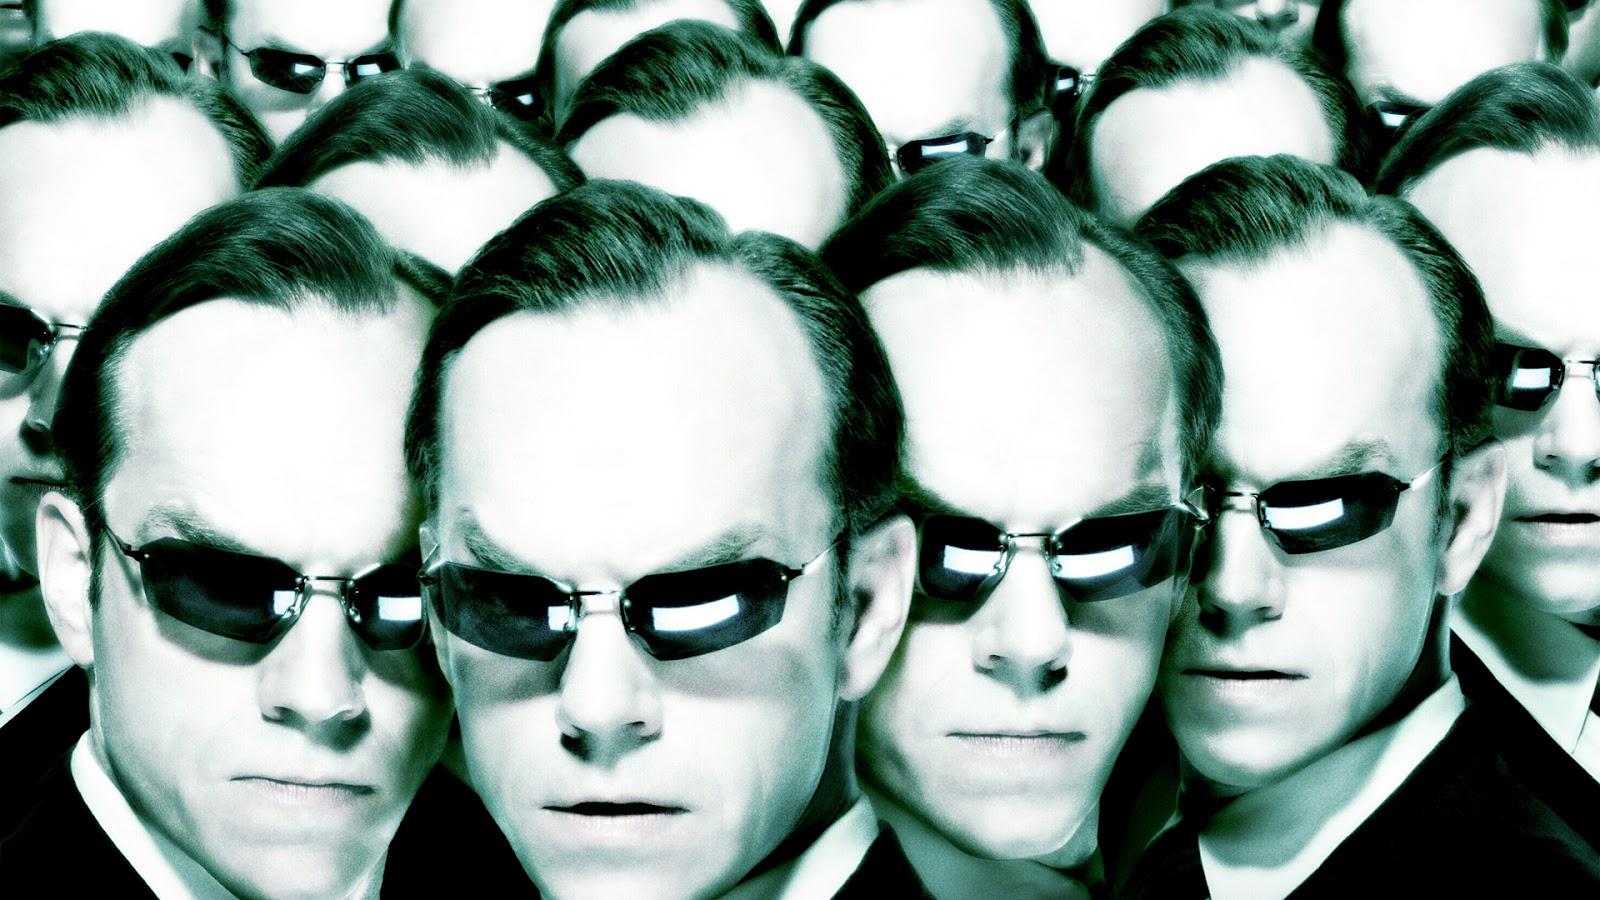 http://2.bp.blogspot.com/-OT2B4i3zJqY/T77ghp_t5LI/AAAAAAAAImw/3s1MoiZ-FGE/s1600/Matrix+Smith.jpg